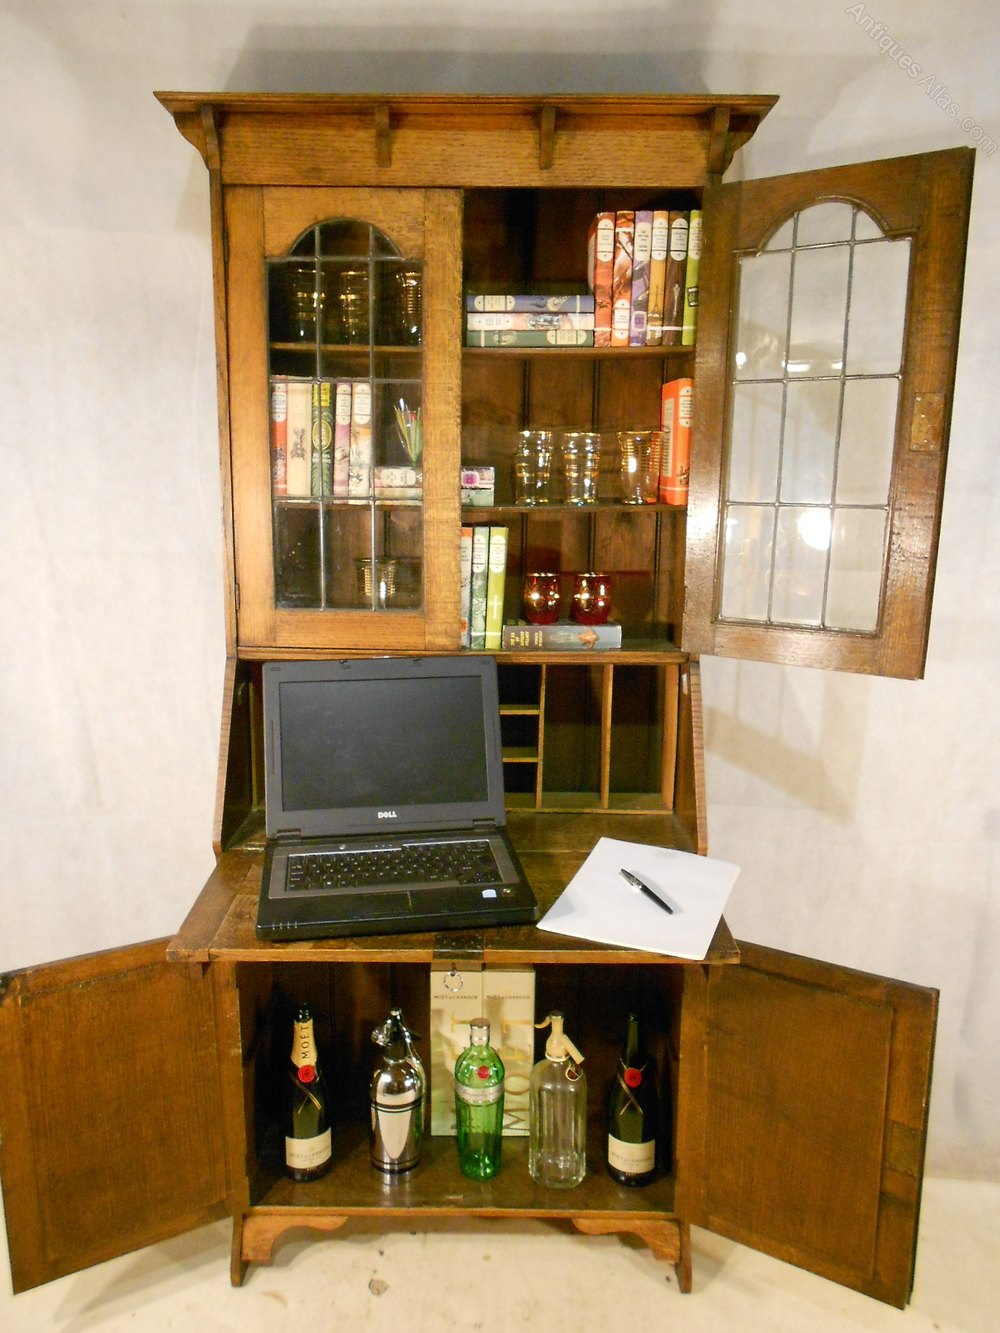 Arts and crafts bureau -  Bureau Bookcases Antique Arts And Crafts Oak Arts Crafts